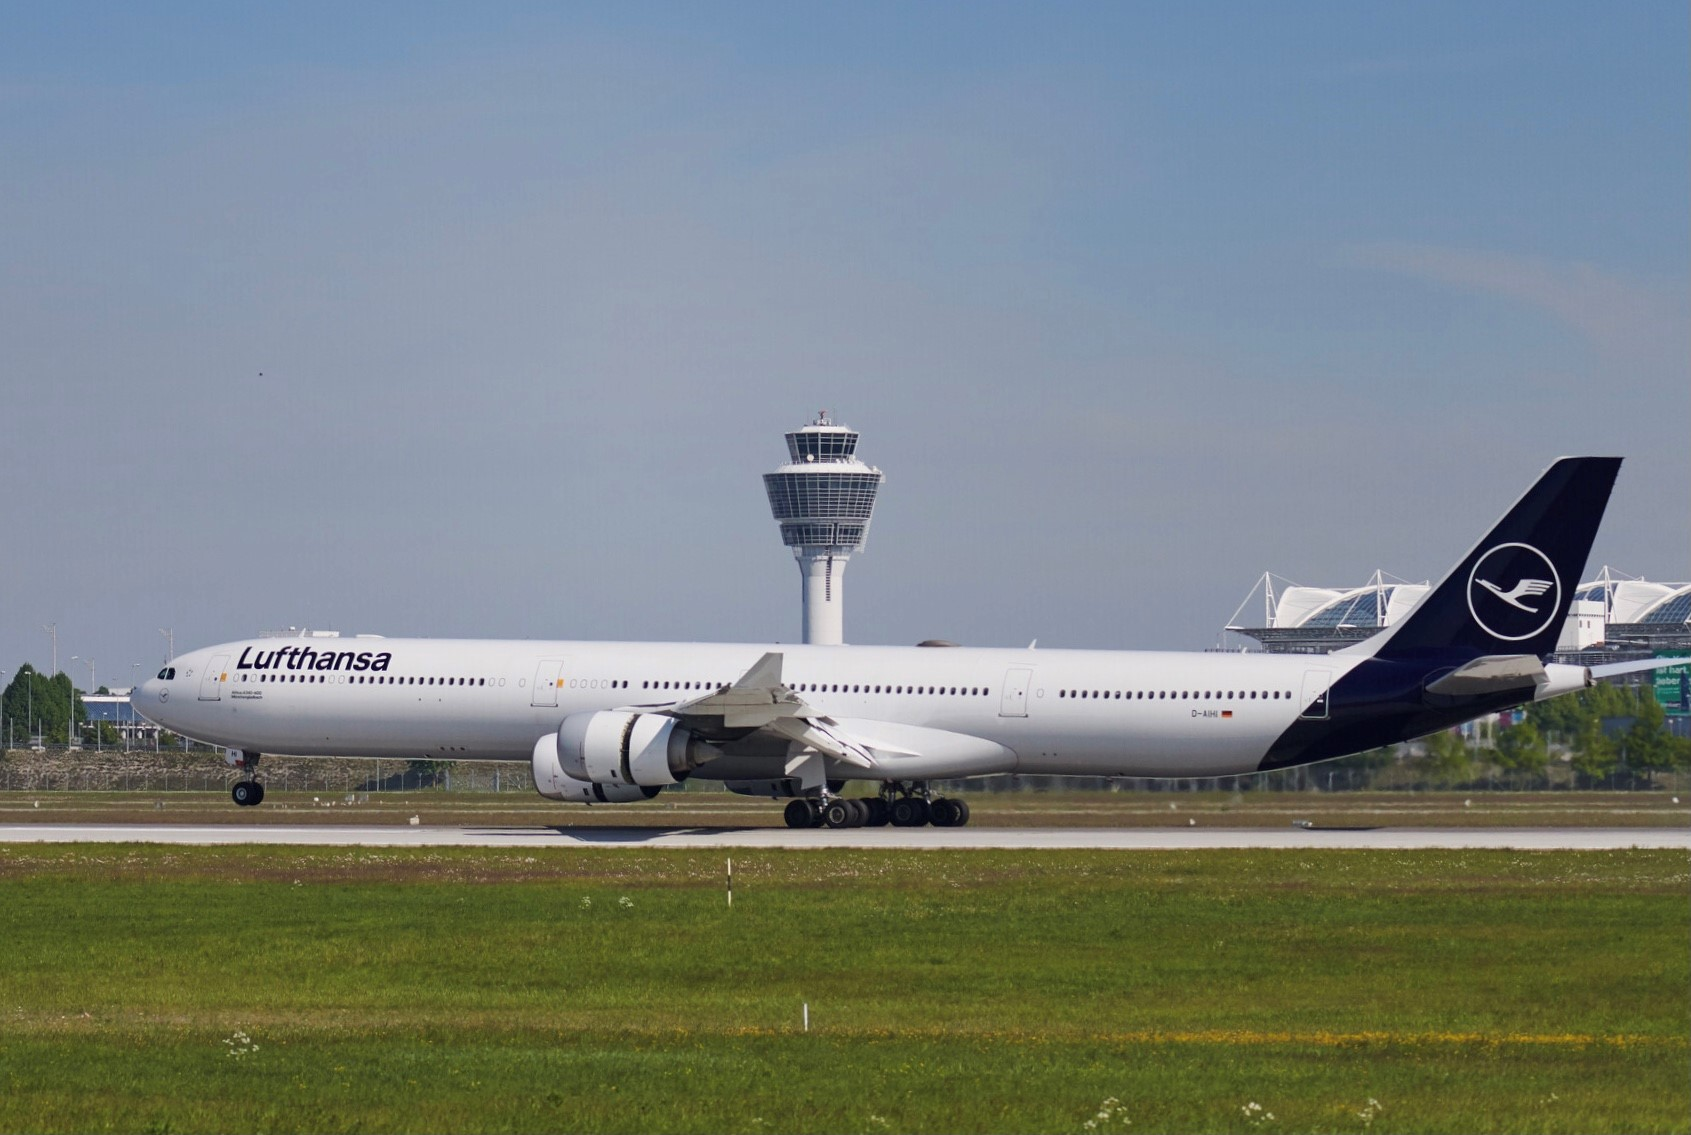 Airbus A340-600 fra Lufthansa i lufthavnen i München. (Foto: Lufthansa | PR)